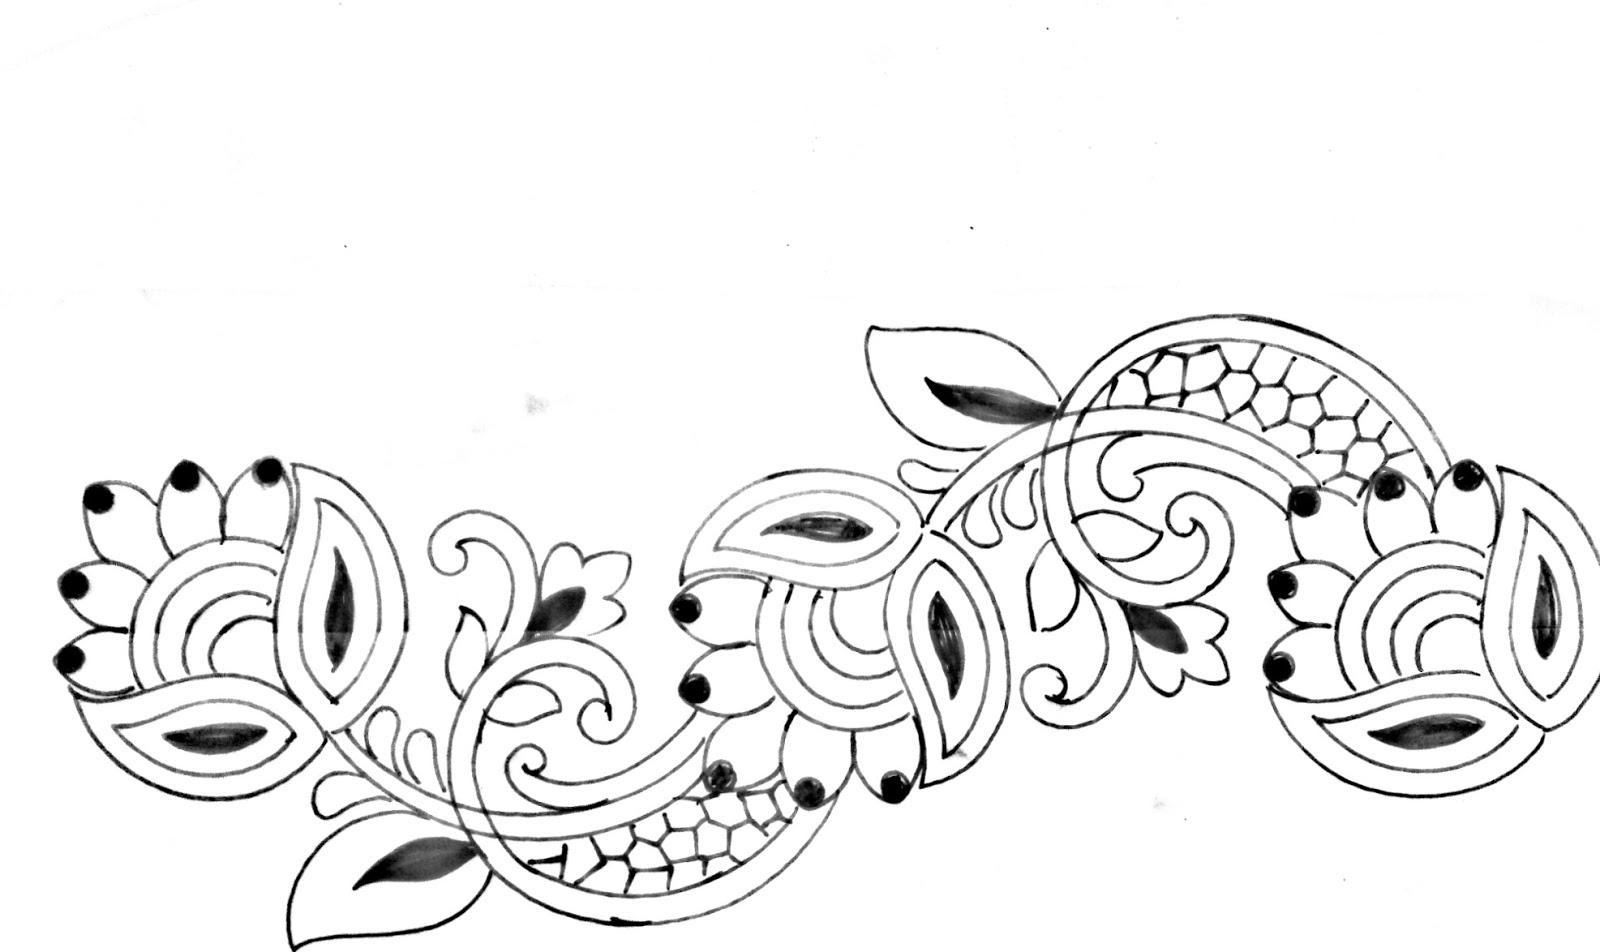 Saree border design drawing || said ka kinara drawing || sari border design drawing with pencil art for embroidery...